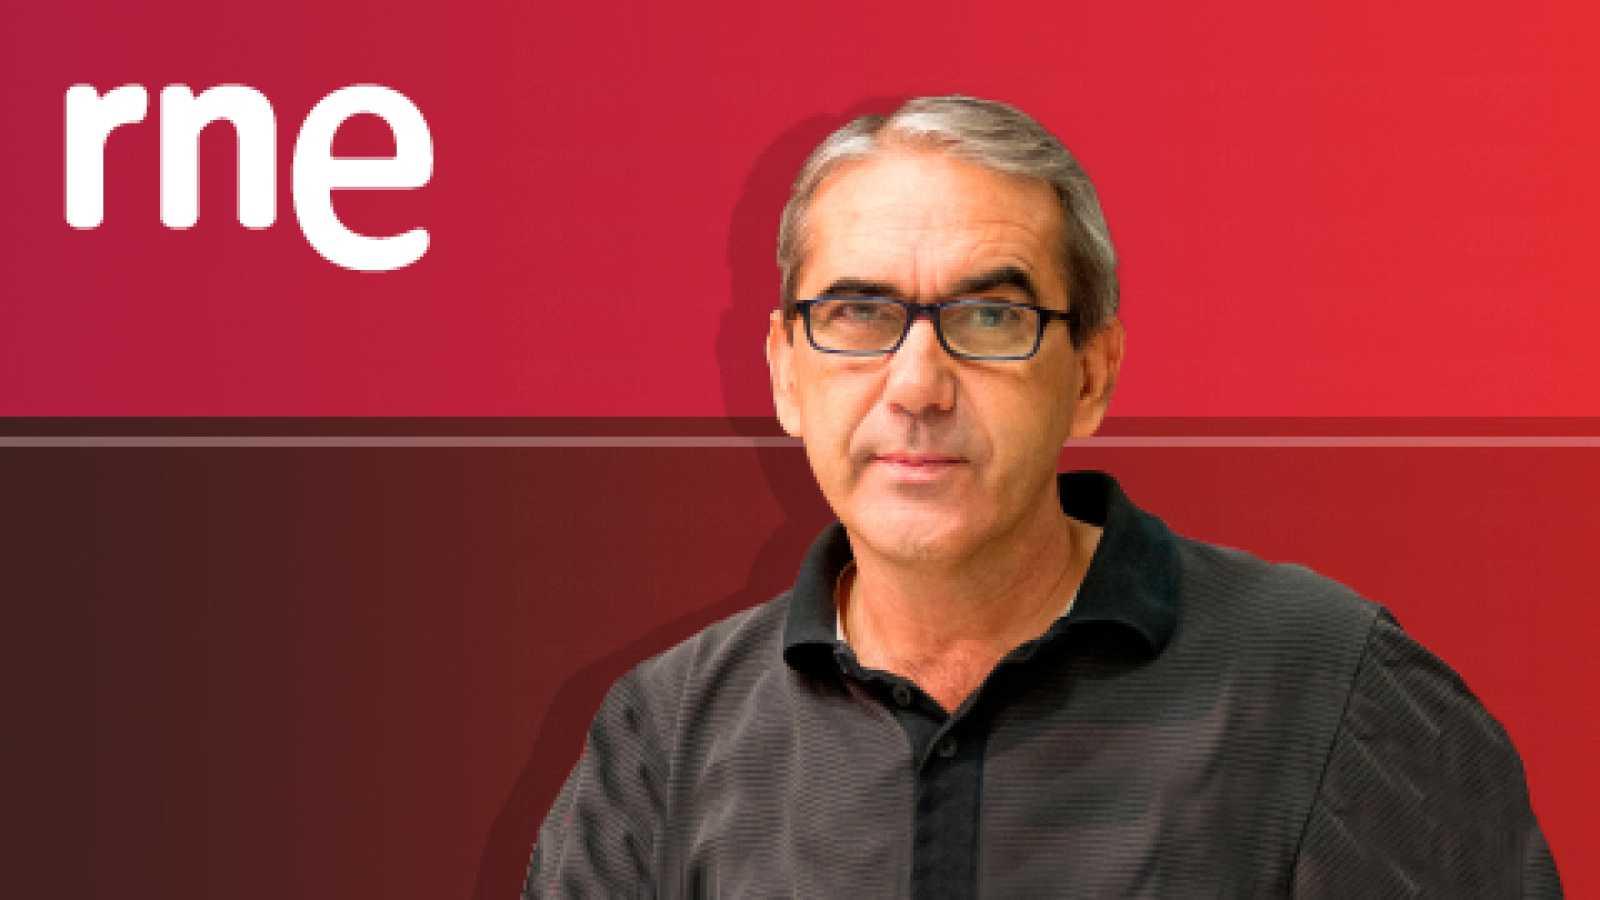 Mónica Gutiérrez - La librerías del señor Livingstone - Historias de papel - Escuchar ahora